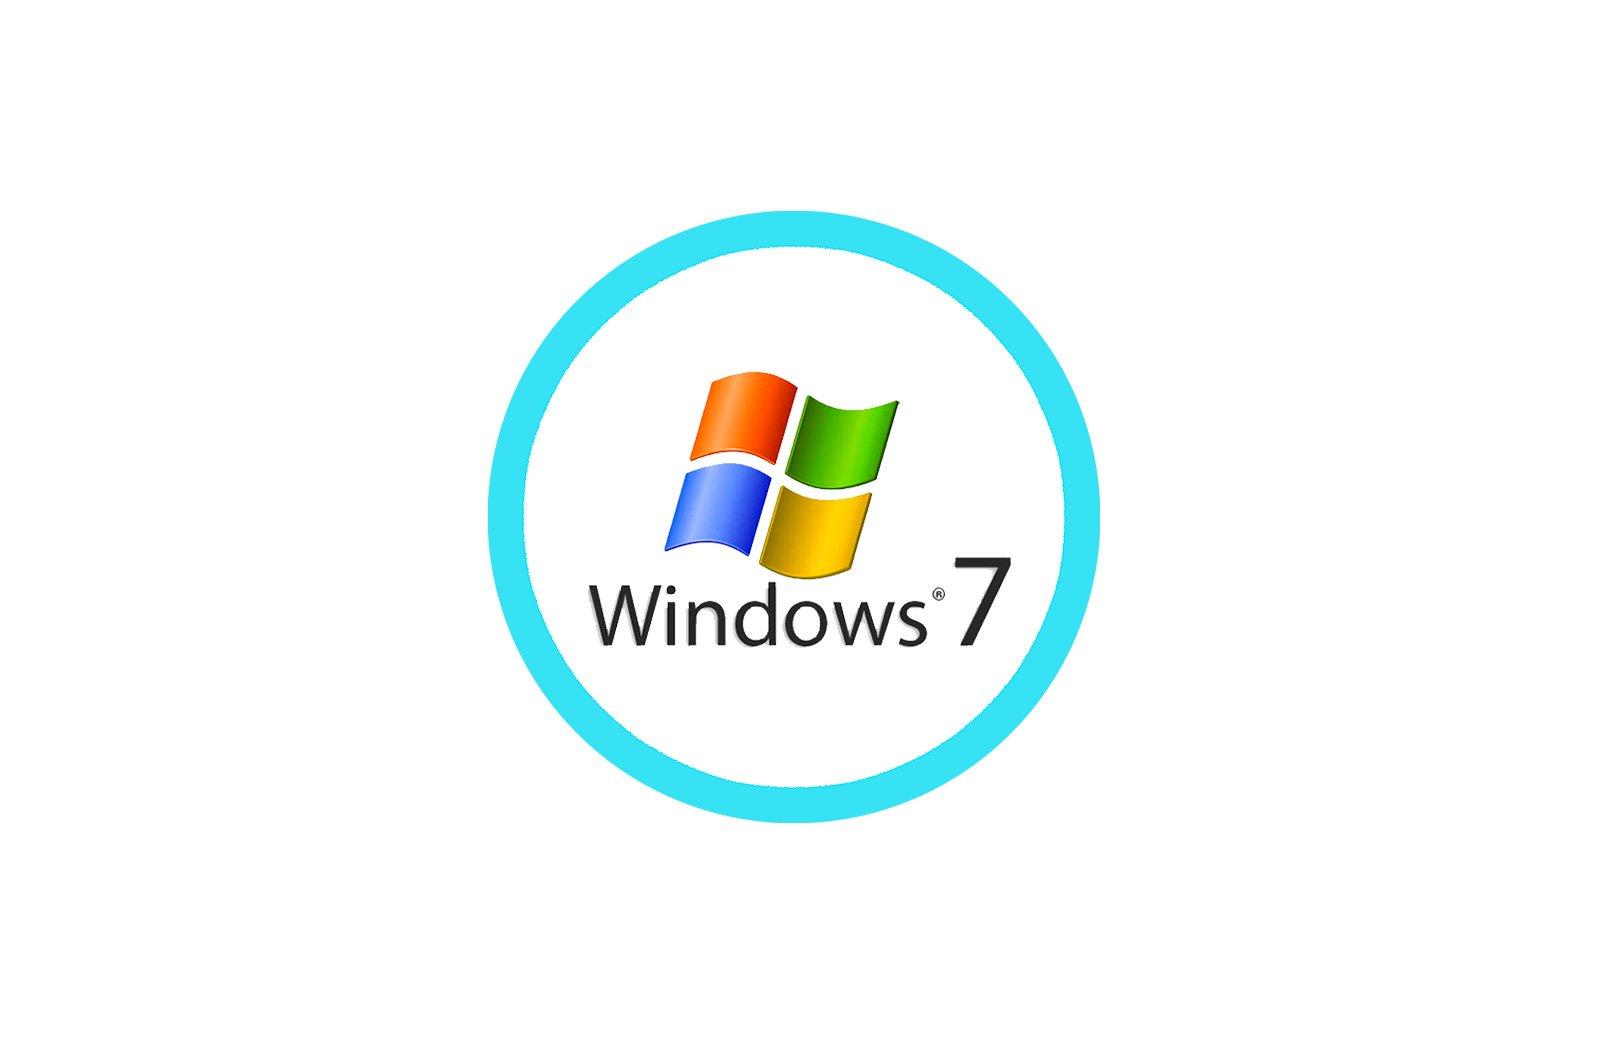 Inicio del Panel de control en Windows 7